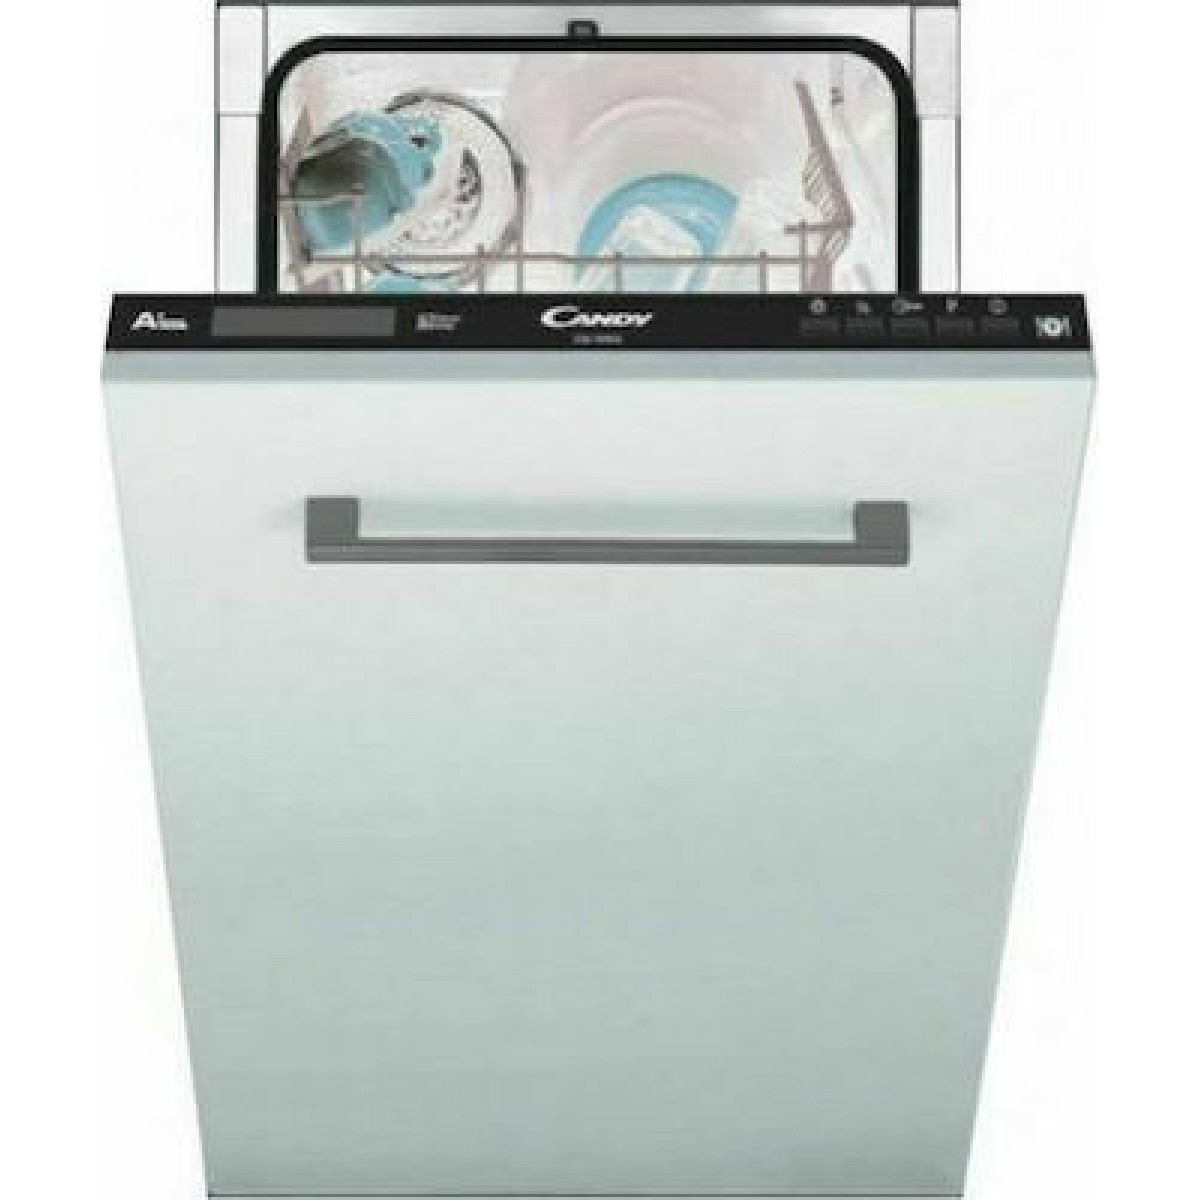 Εντοιχιζόμενο Πλυντήριο Πιάτων Candy CDIH 1D952  Πλυντήρια